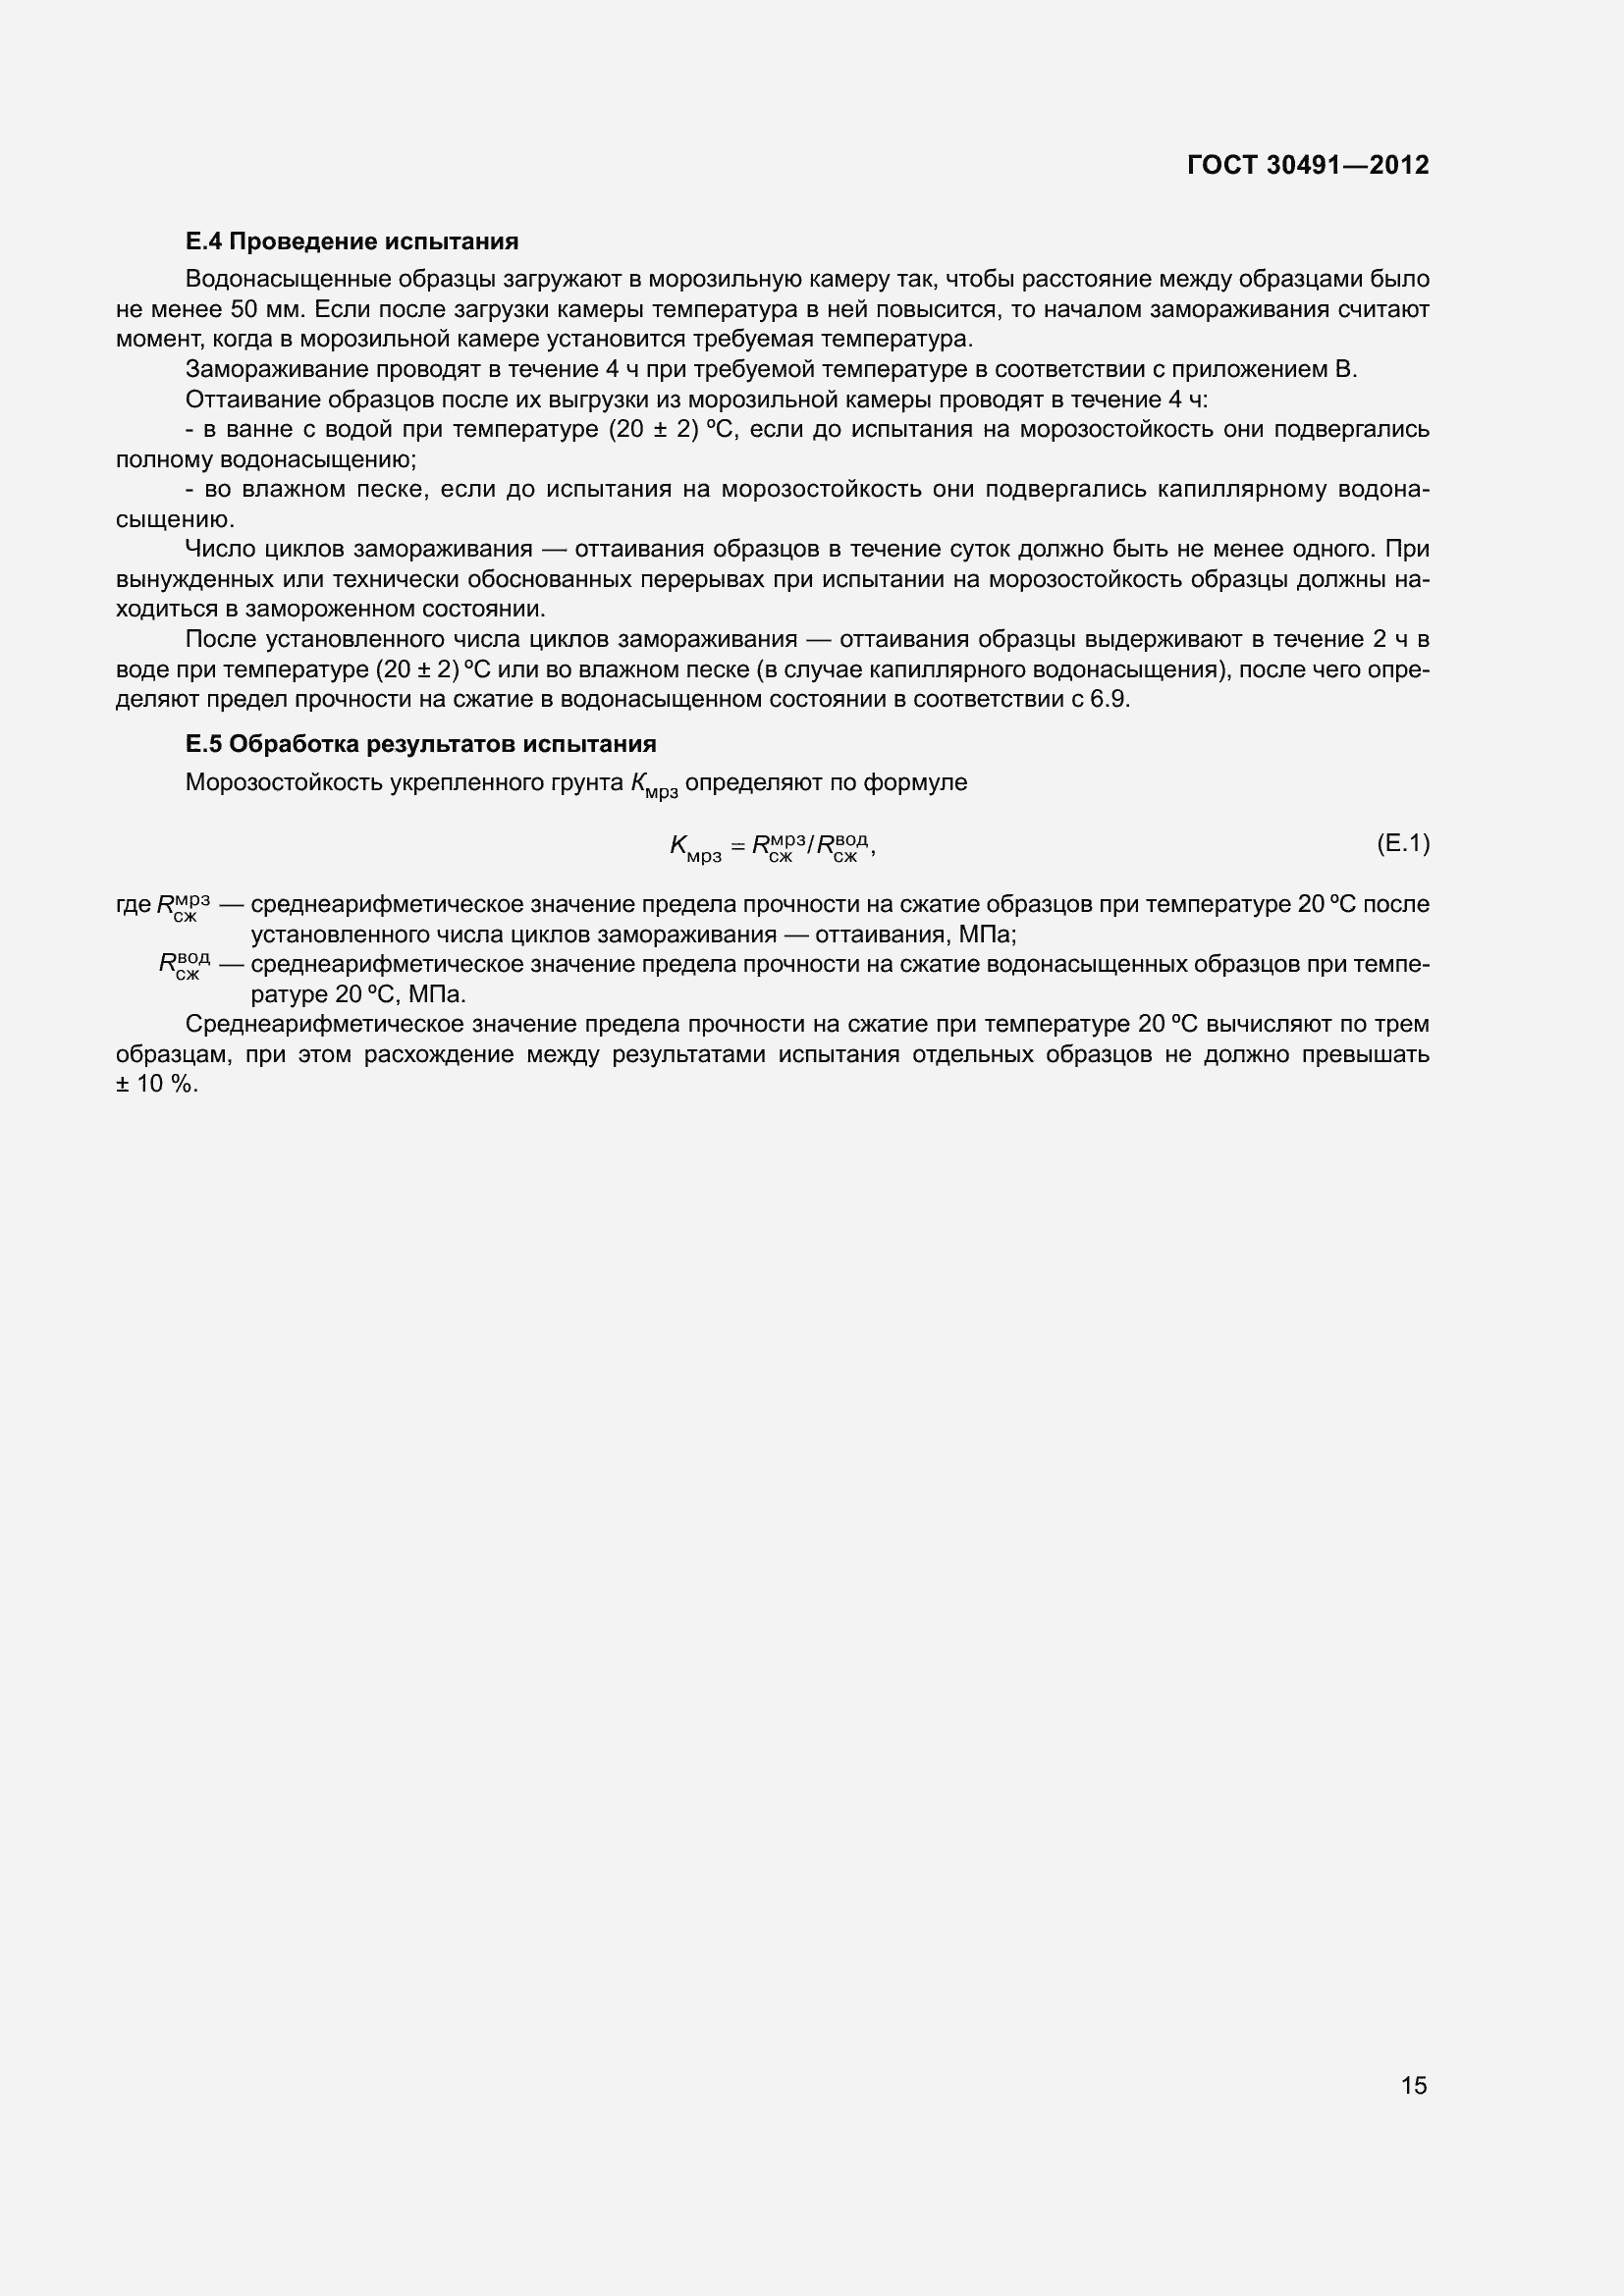 ГОСТ 30491-2012. Страница 19